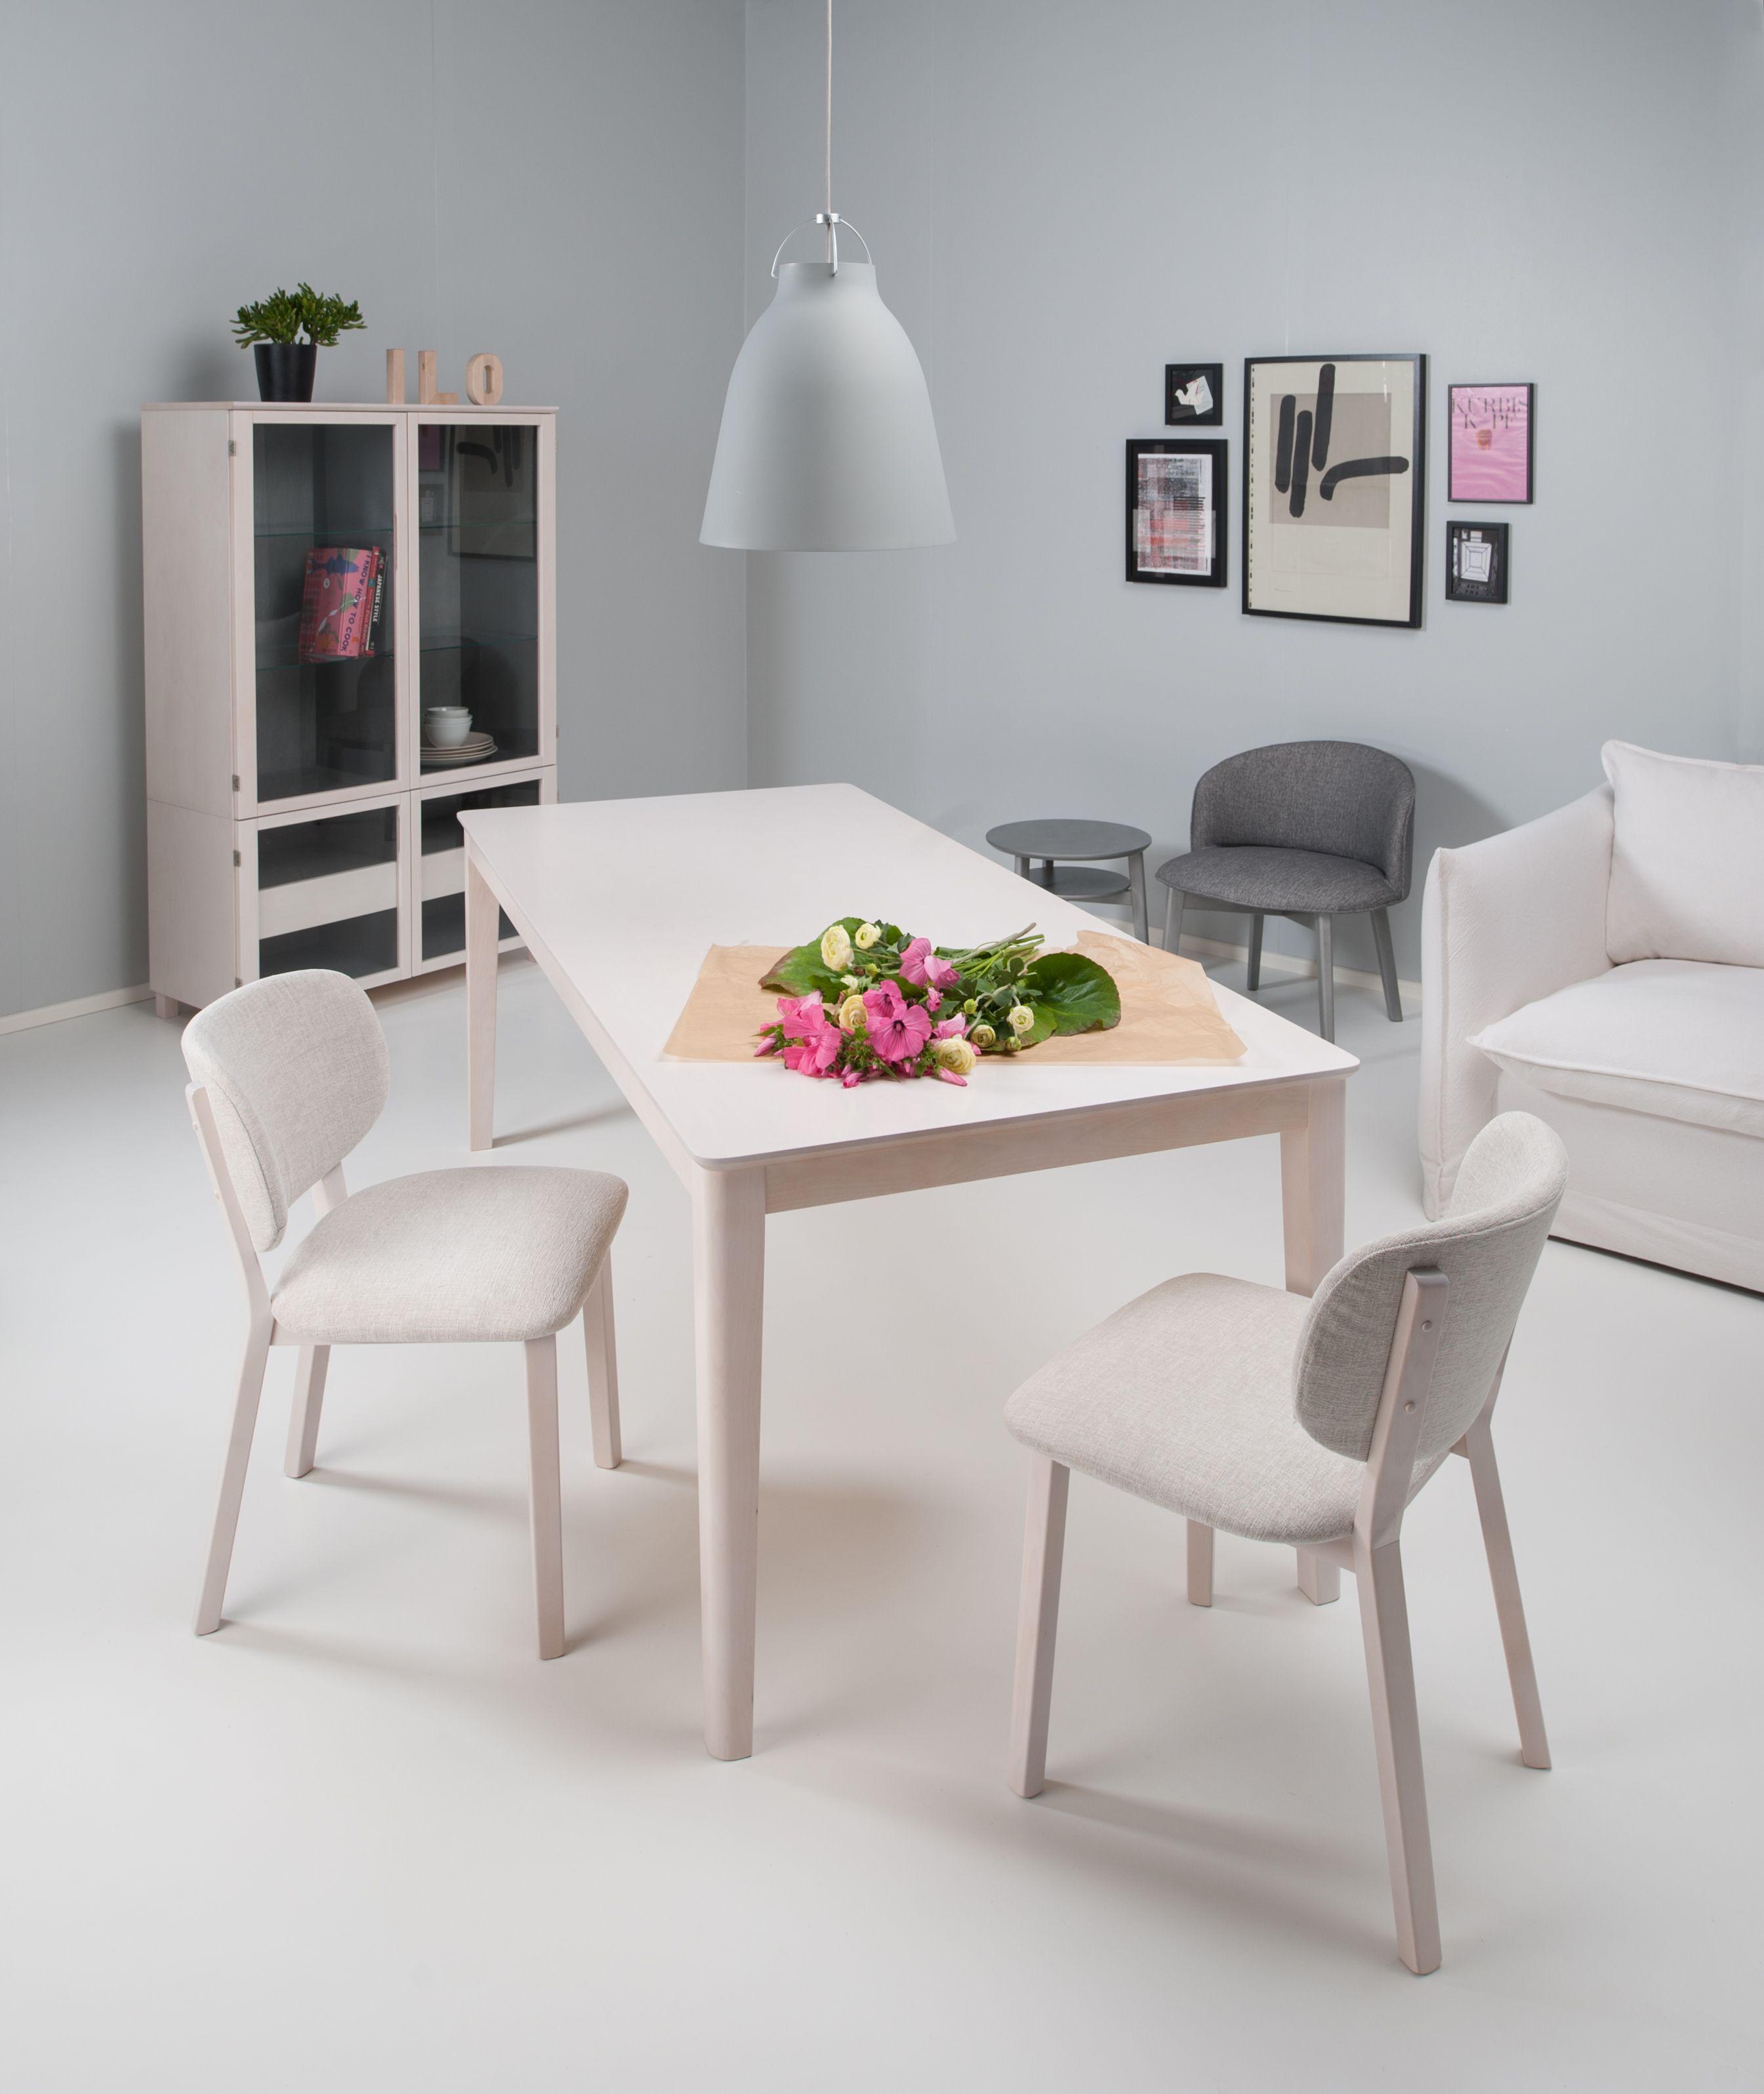 Junet – Nora-pöytä. Massiivikoivua. Sini-tuoli. Koivua. Pöytä ja tuolit saatavilla eri väreissä. #habitare2014 #design #sisustus #messut #helsinki #messukeskus